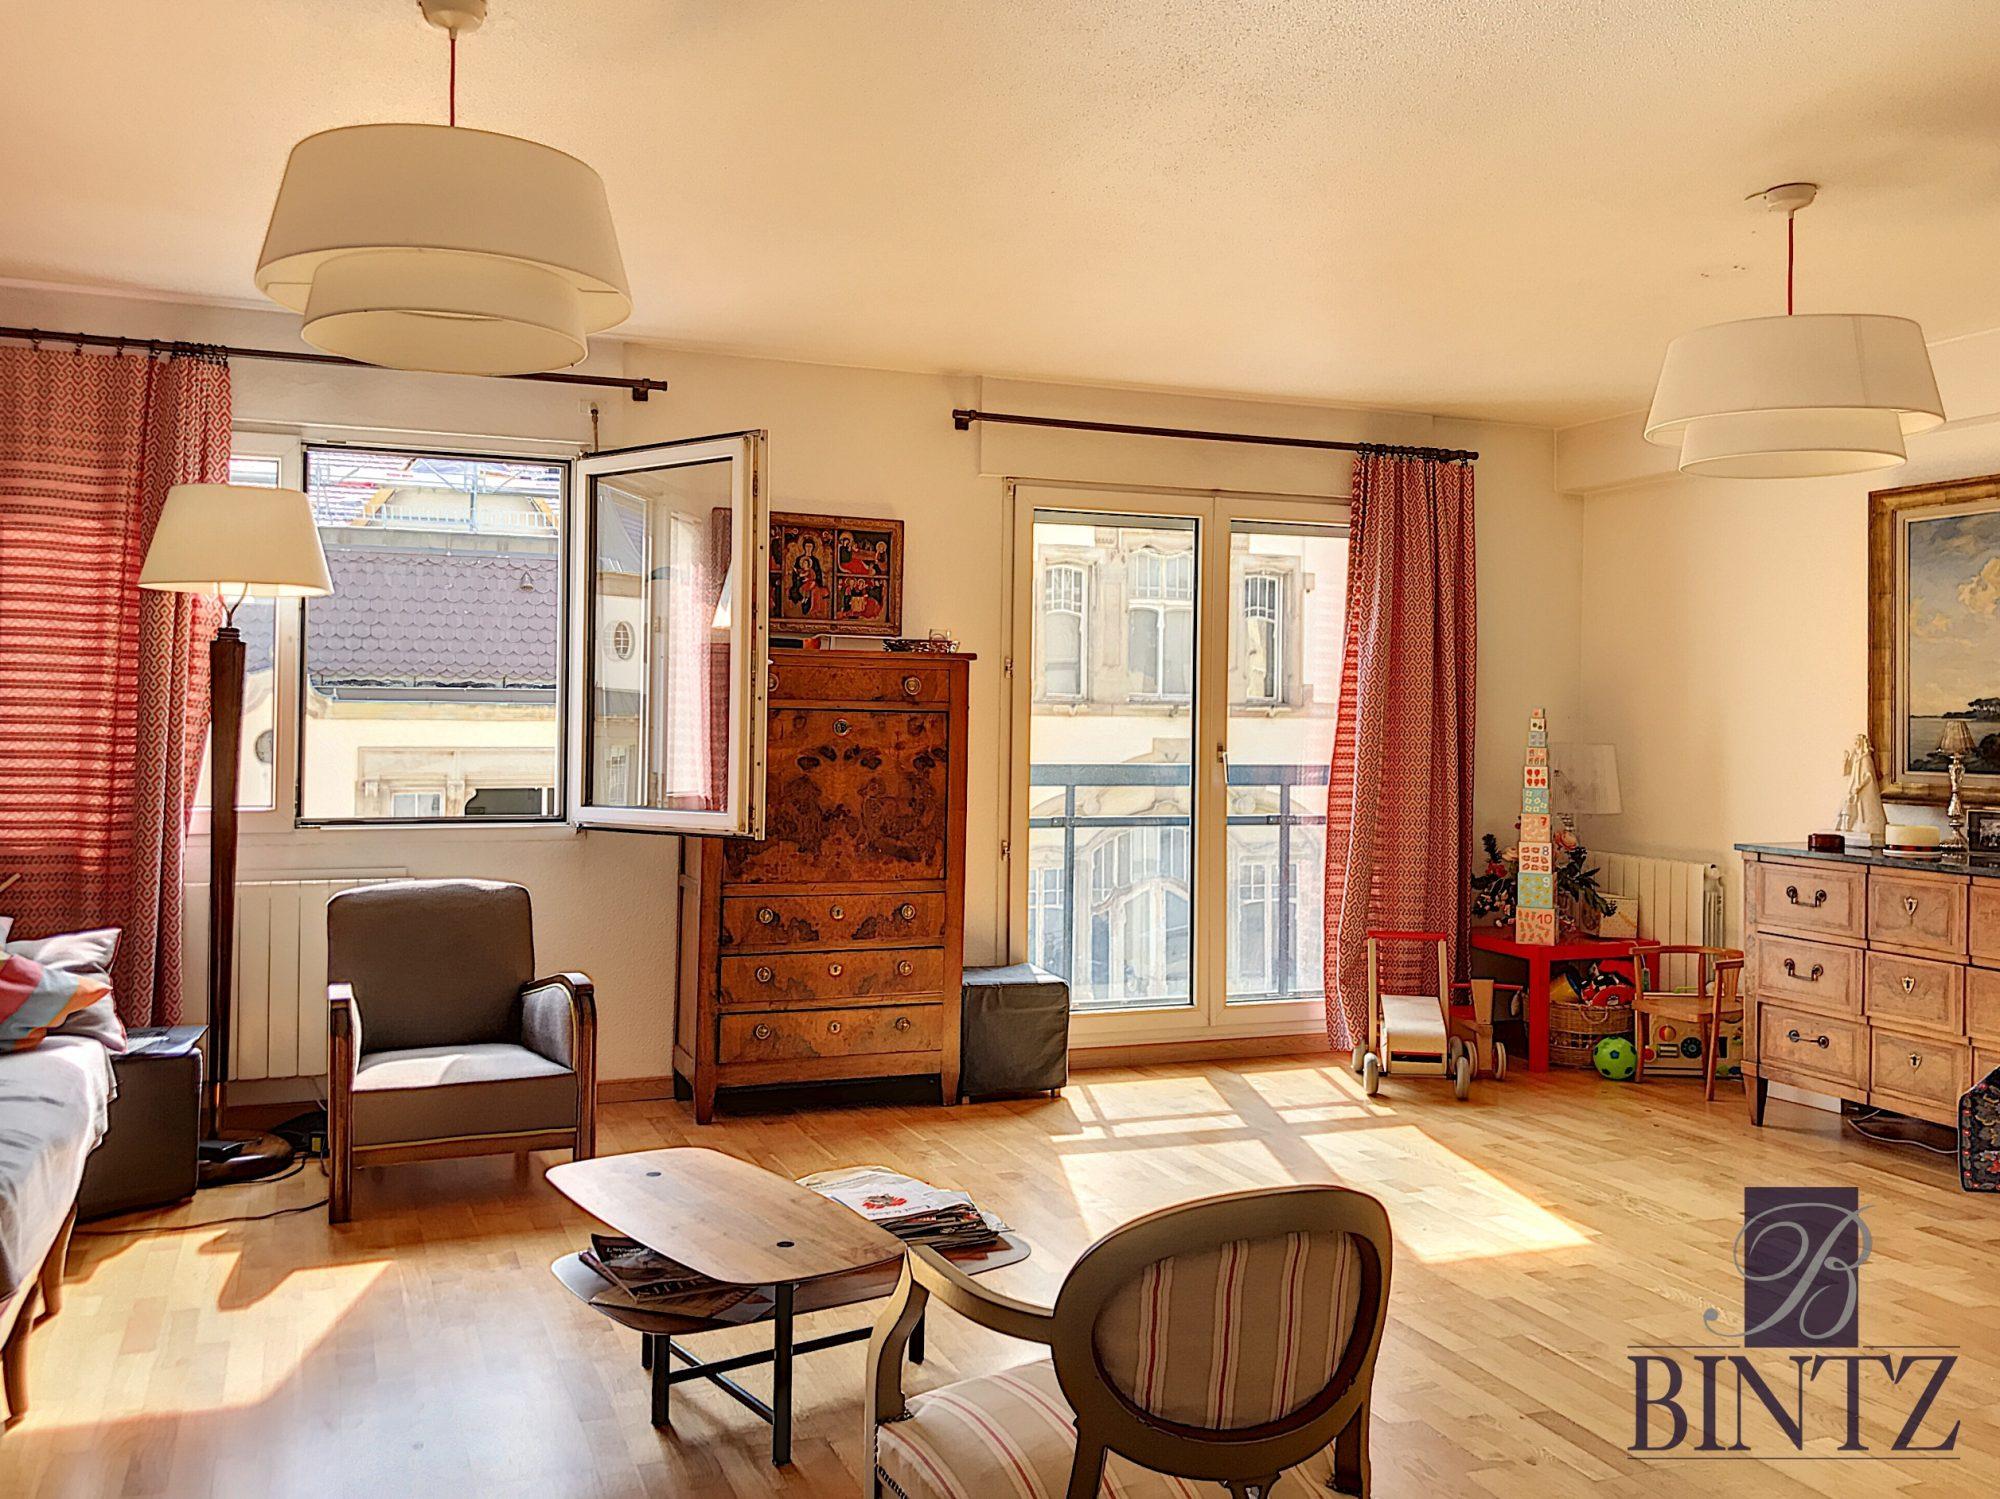 3 PIÈCES NEUSTADT AVEC GARAGE - Devenez locataire en toute sérénité - Bintz Immobilier - 3